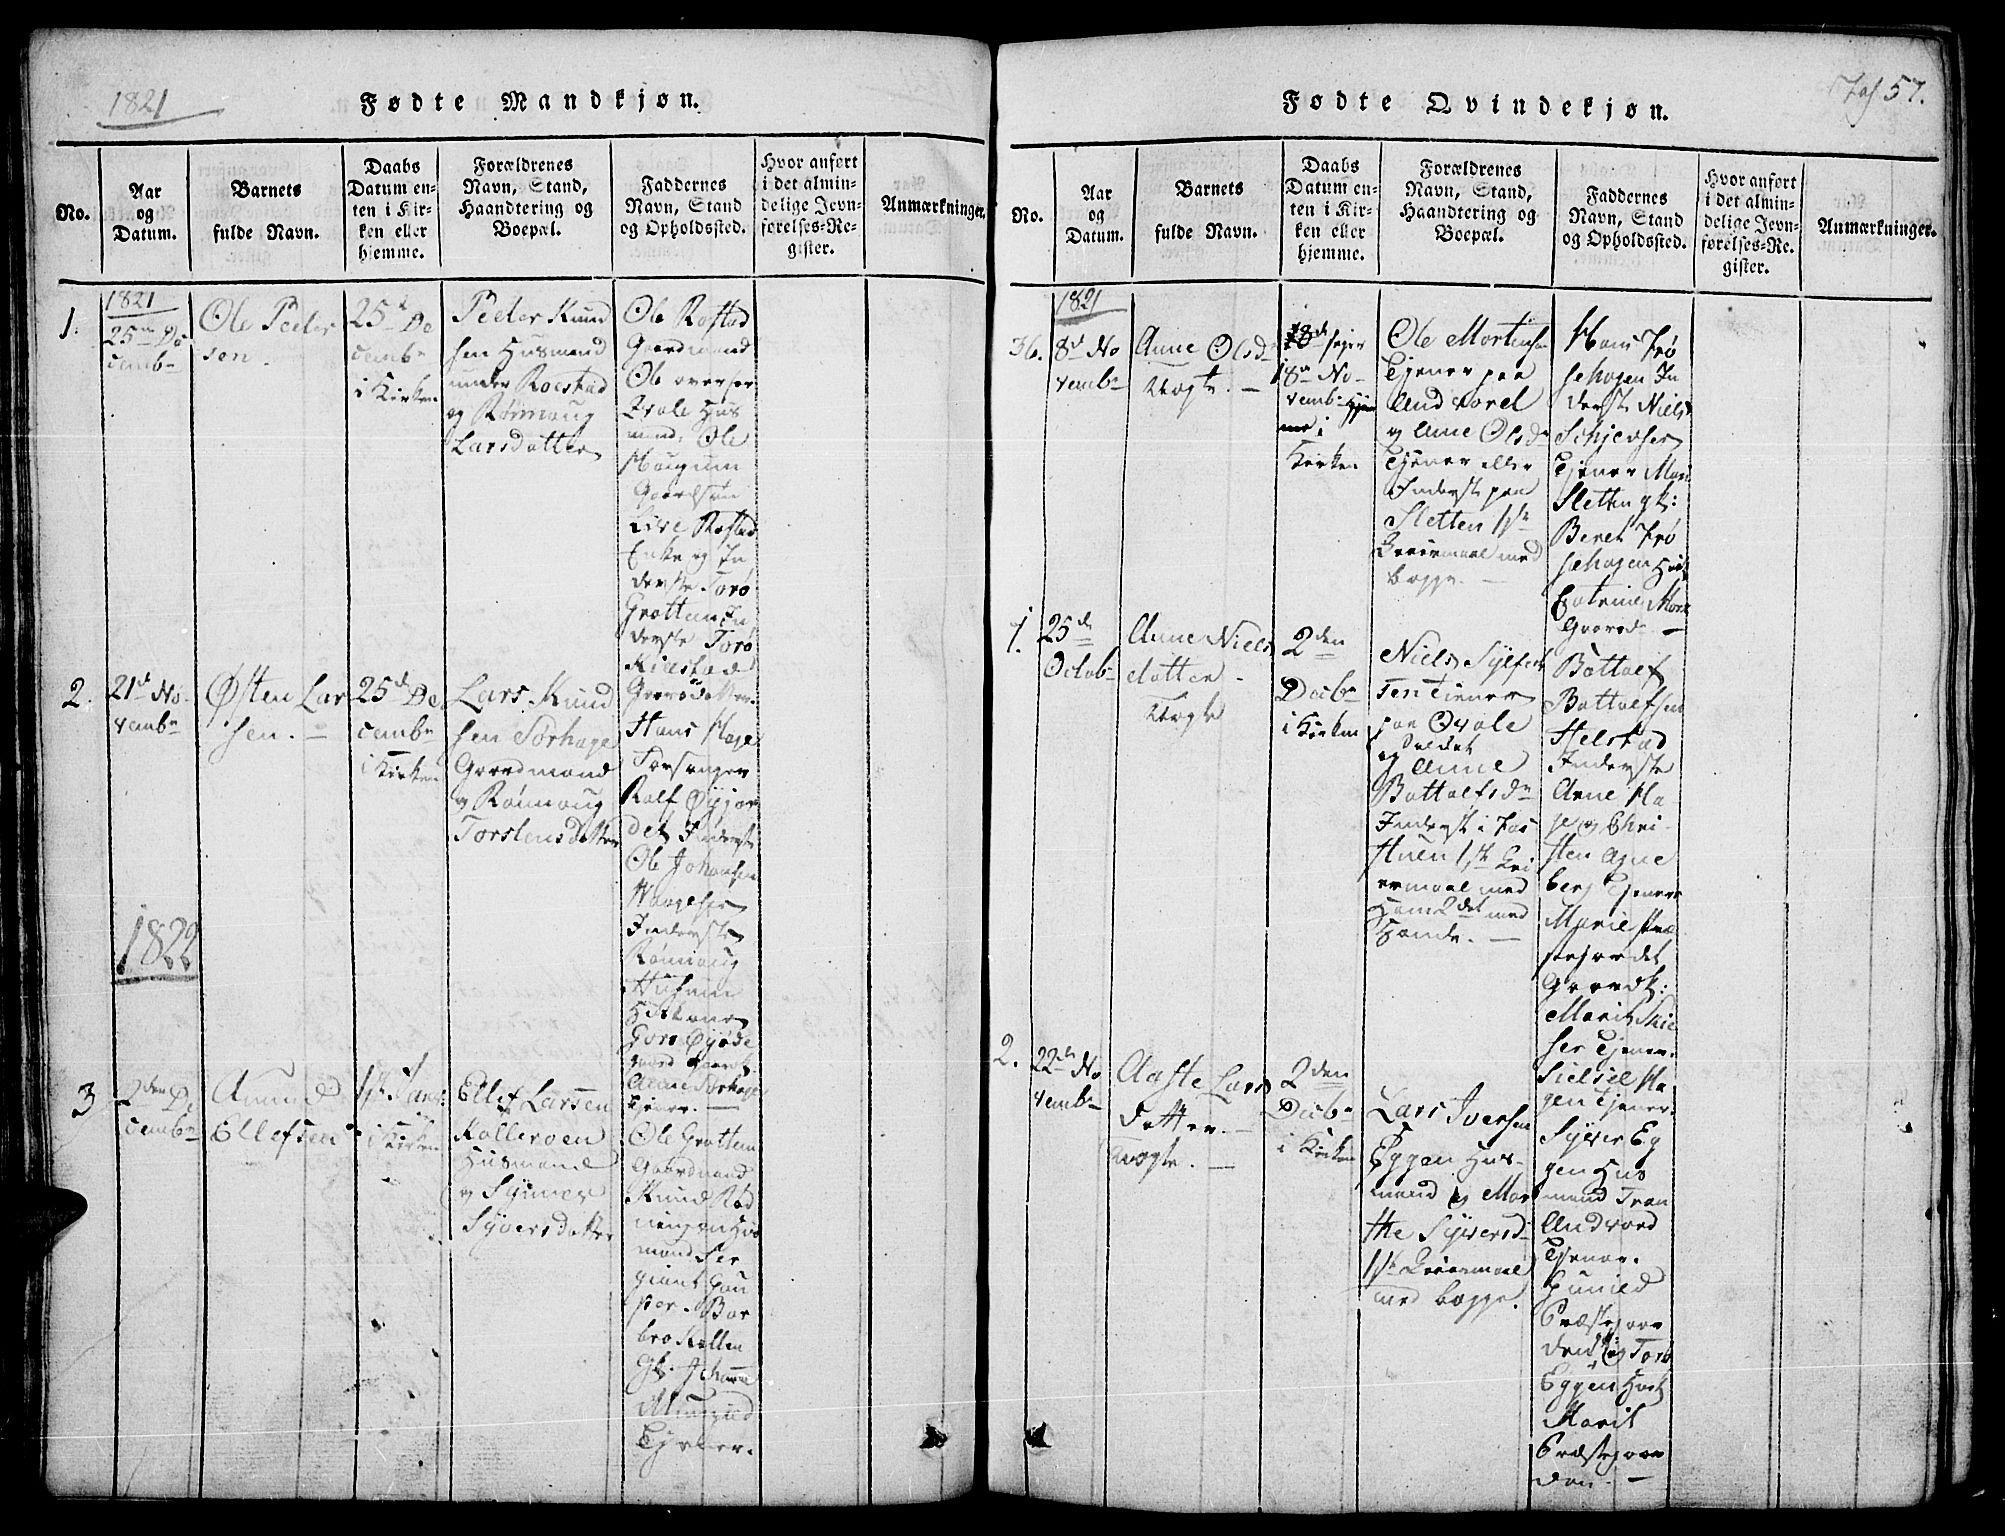 SAH, Lom prestekontor, L/L0001: Klokkerbok nr. 1, 1815-1836, s. 57